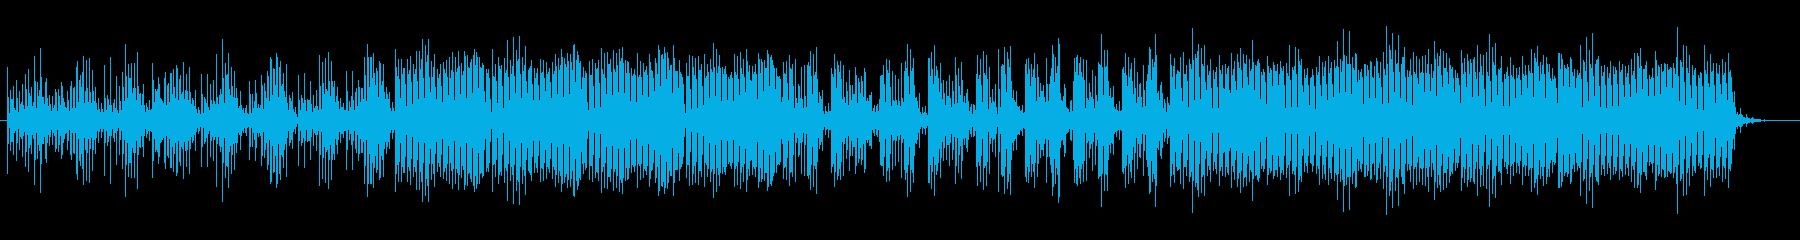 高音で変則ビートの打ち込み系テクノ曲の再生済みの波形